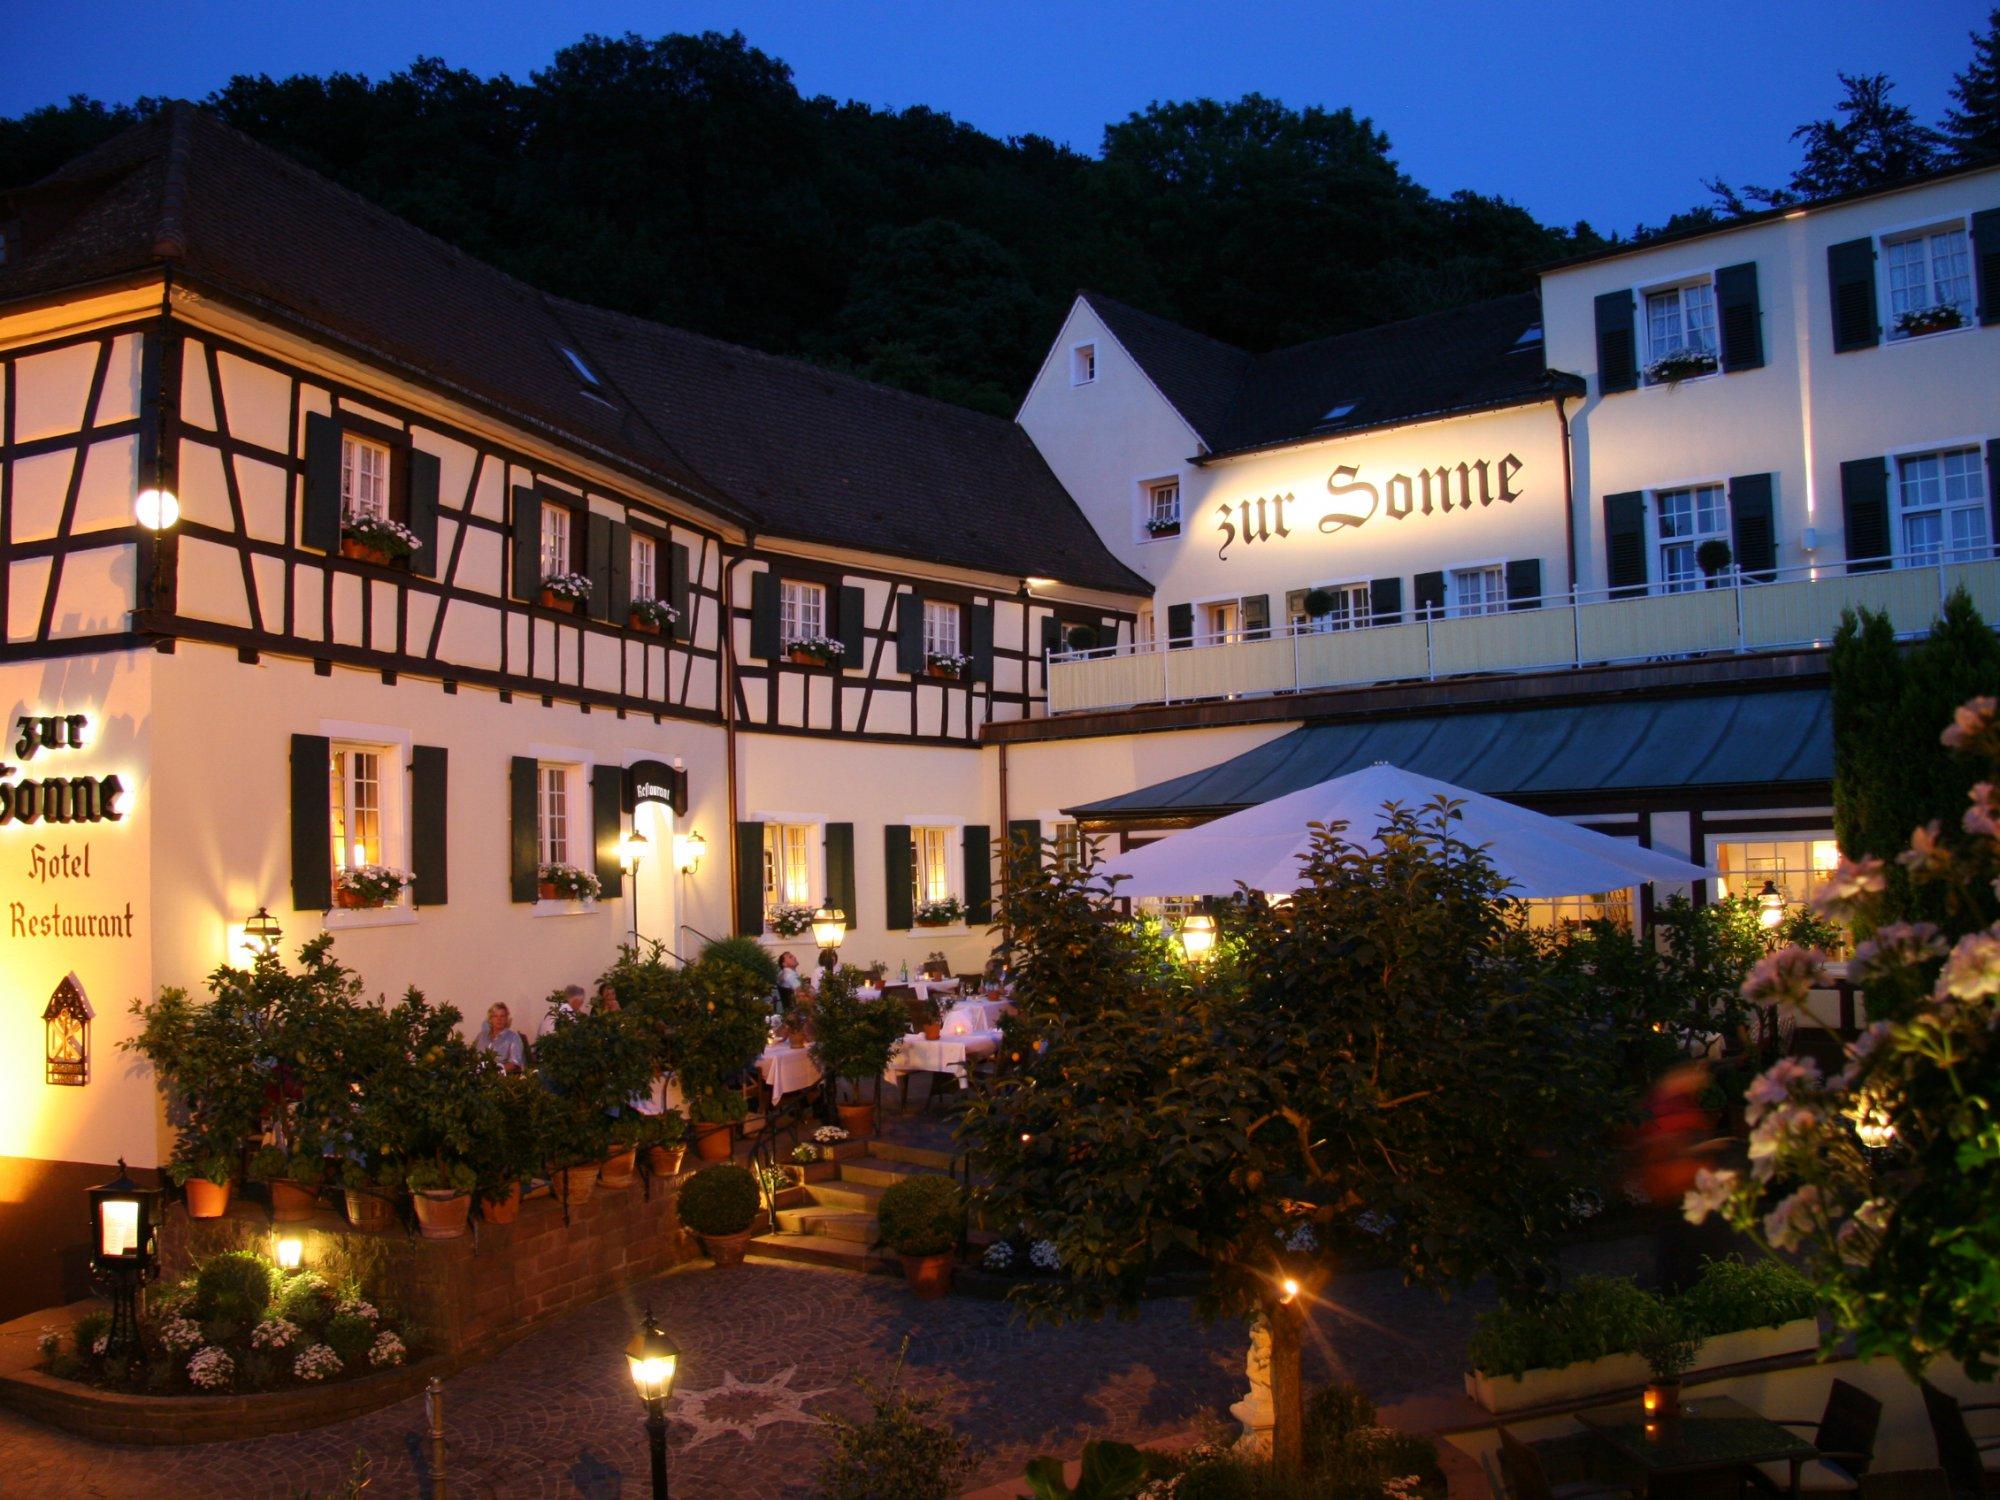 Ihr romantik hotel in badenweiler romantik hotel zur sonne for Romantik hotel